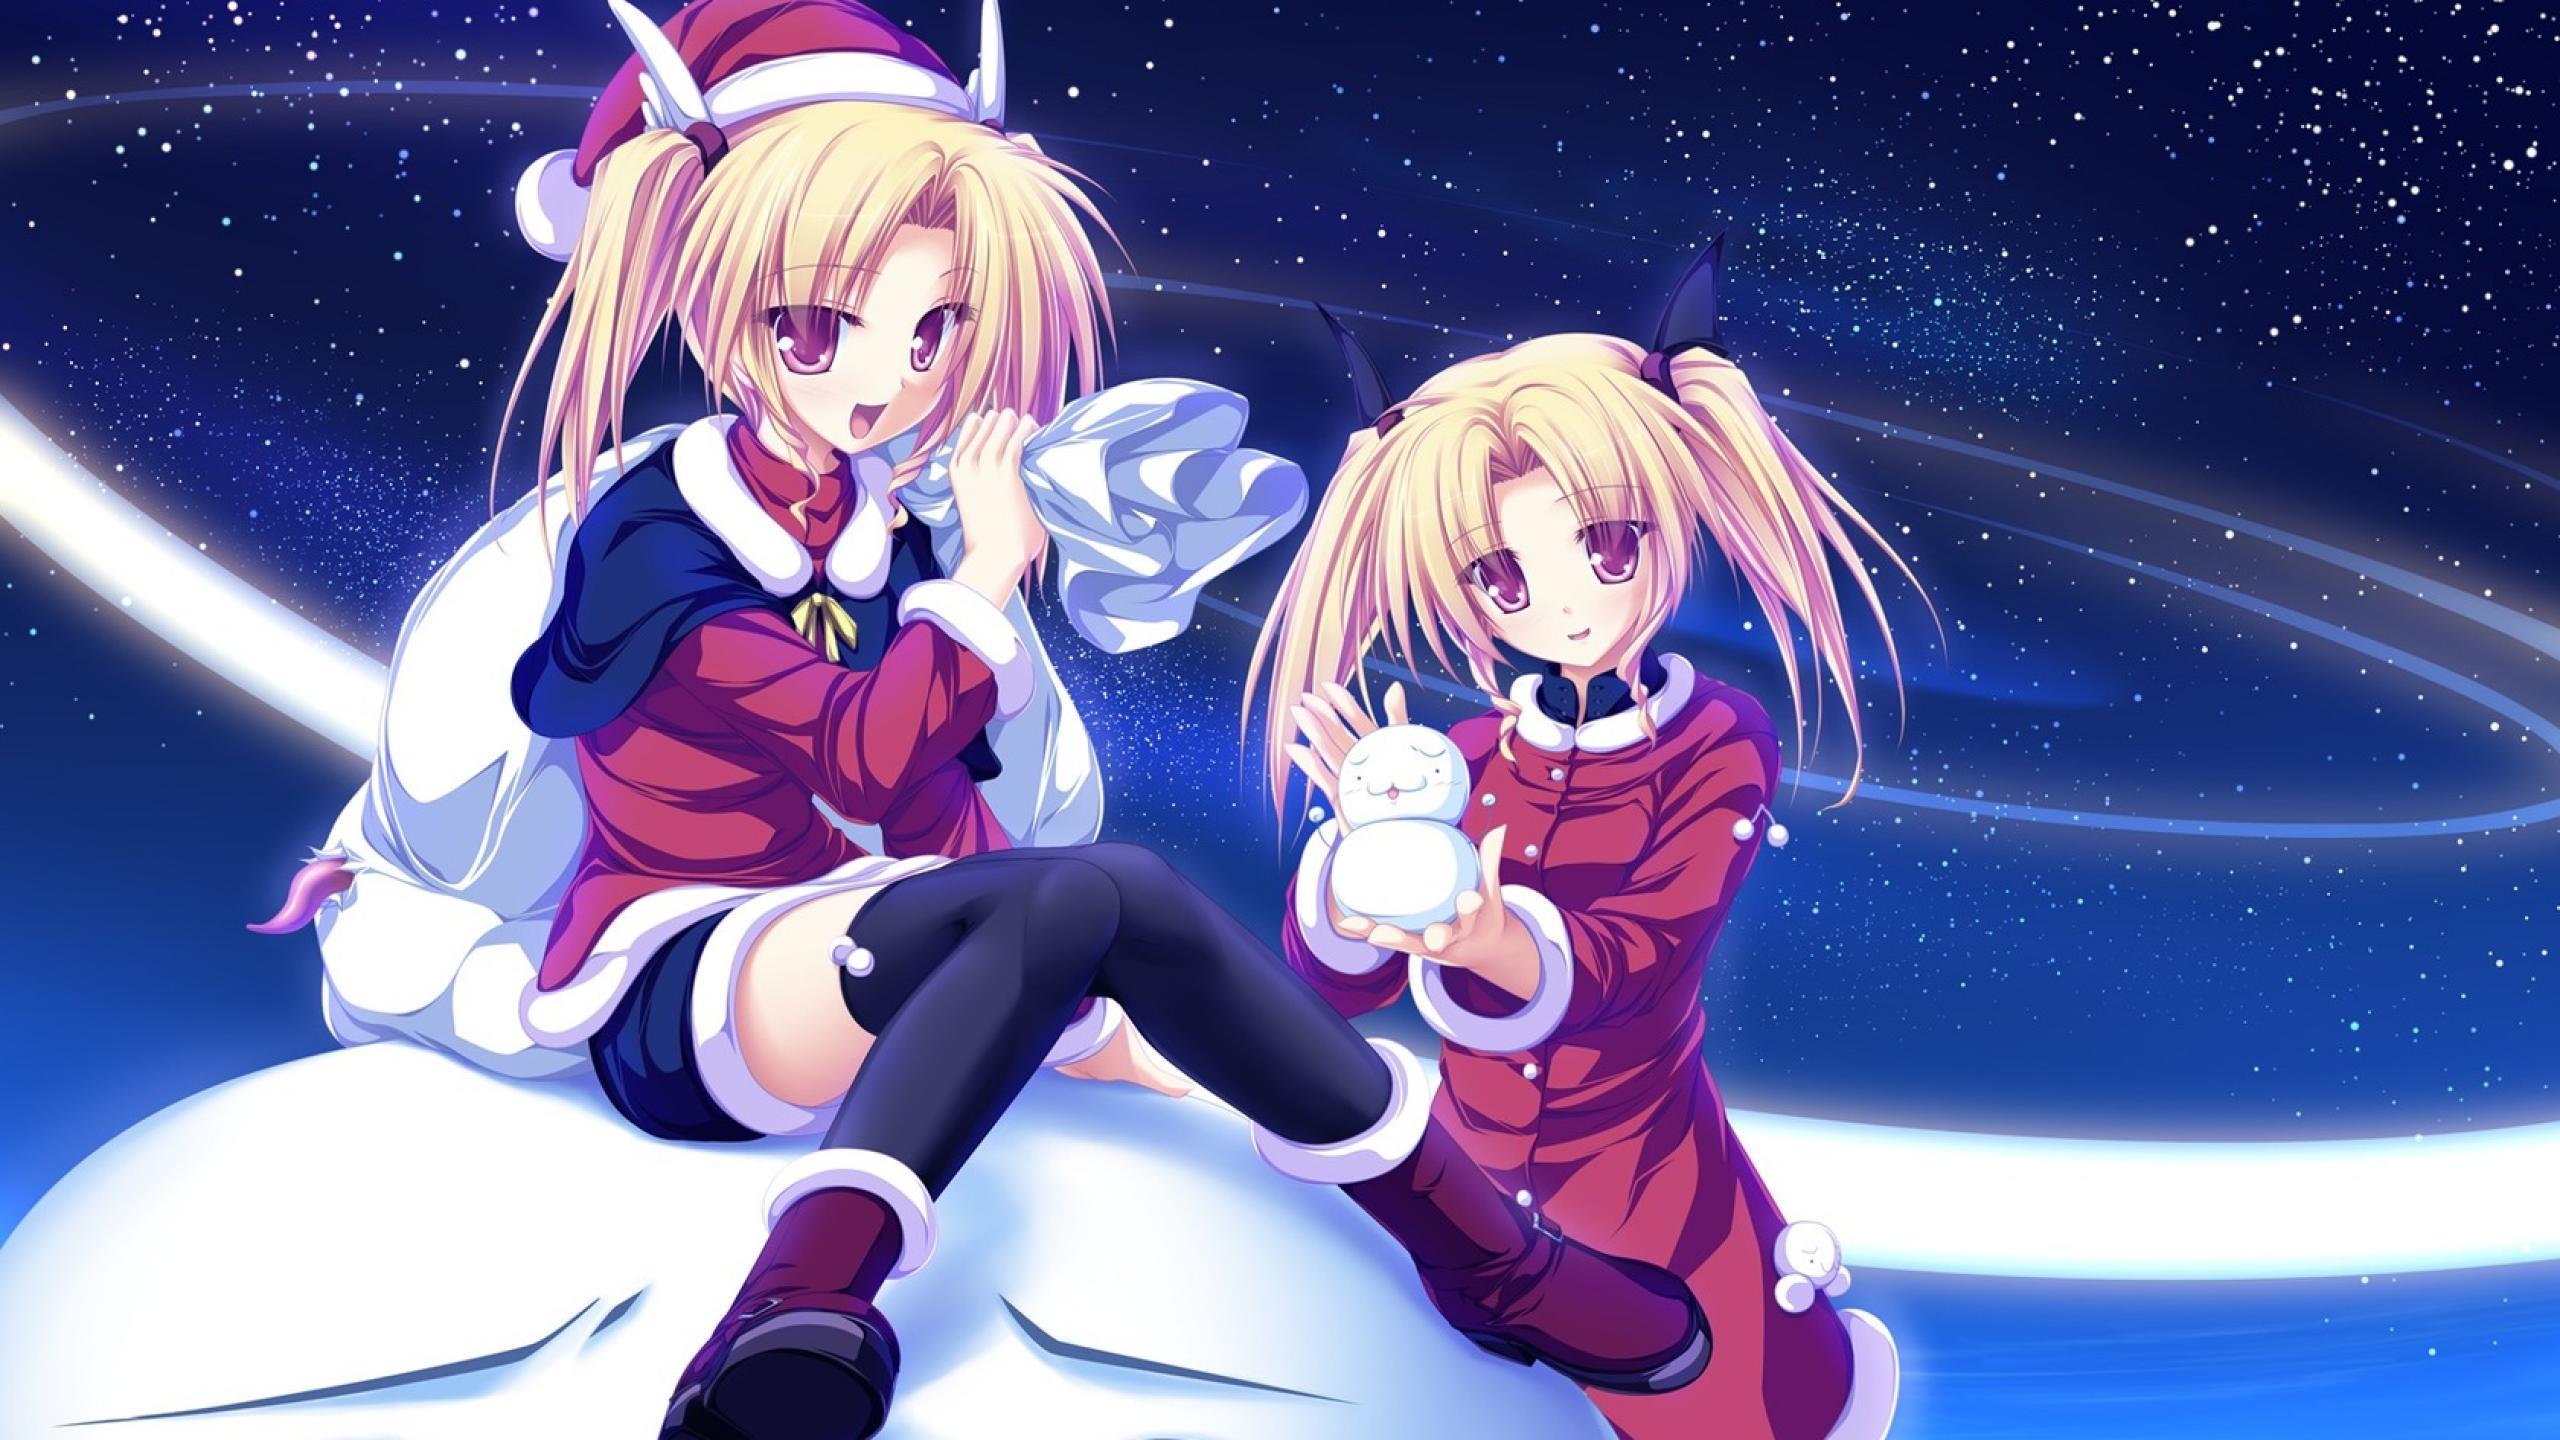 Культові аніме на новорічну тематику